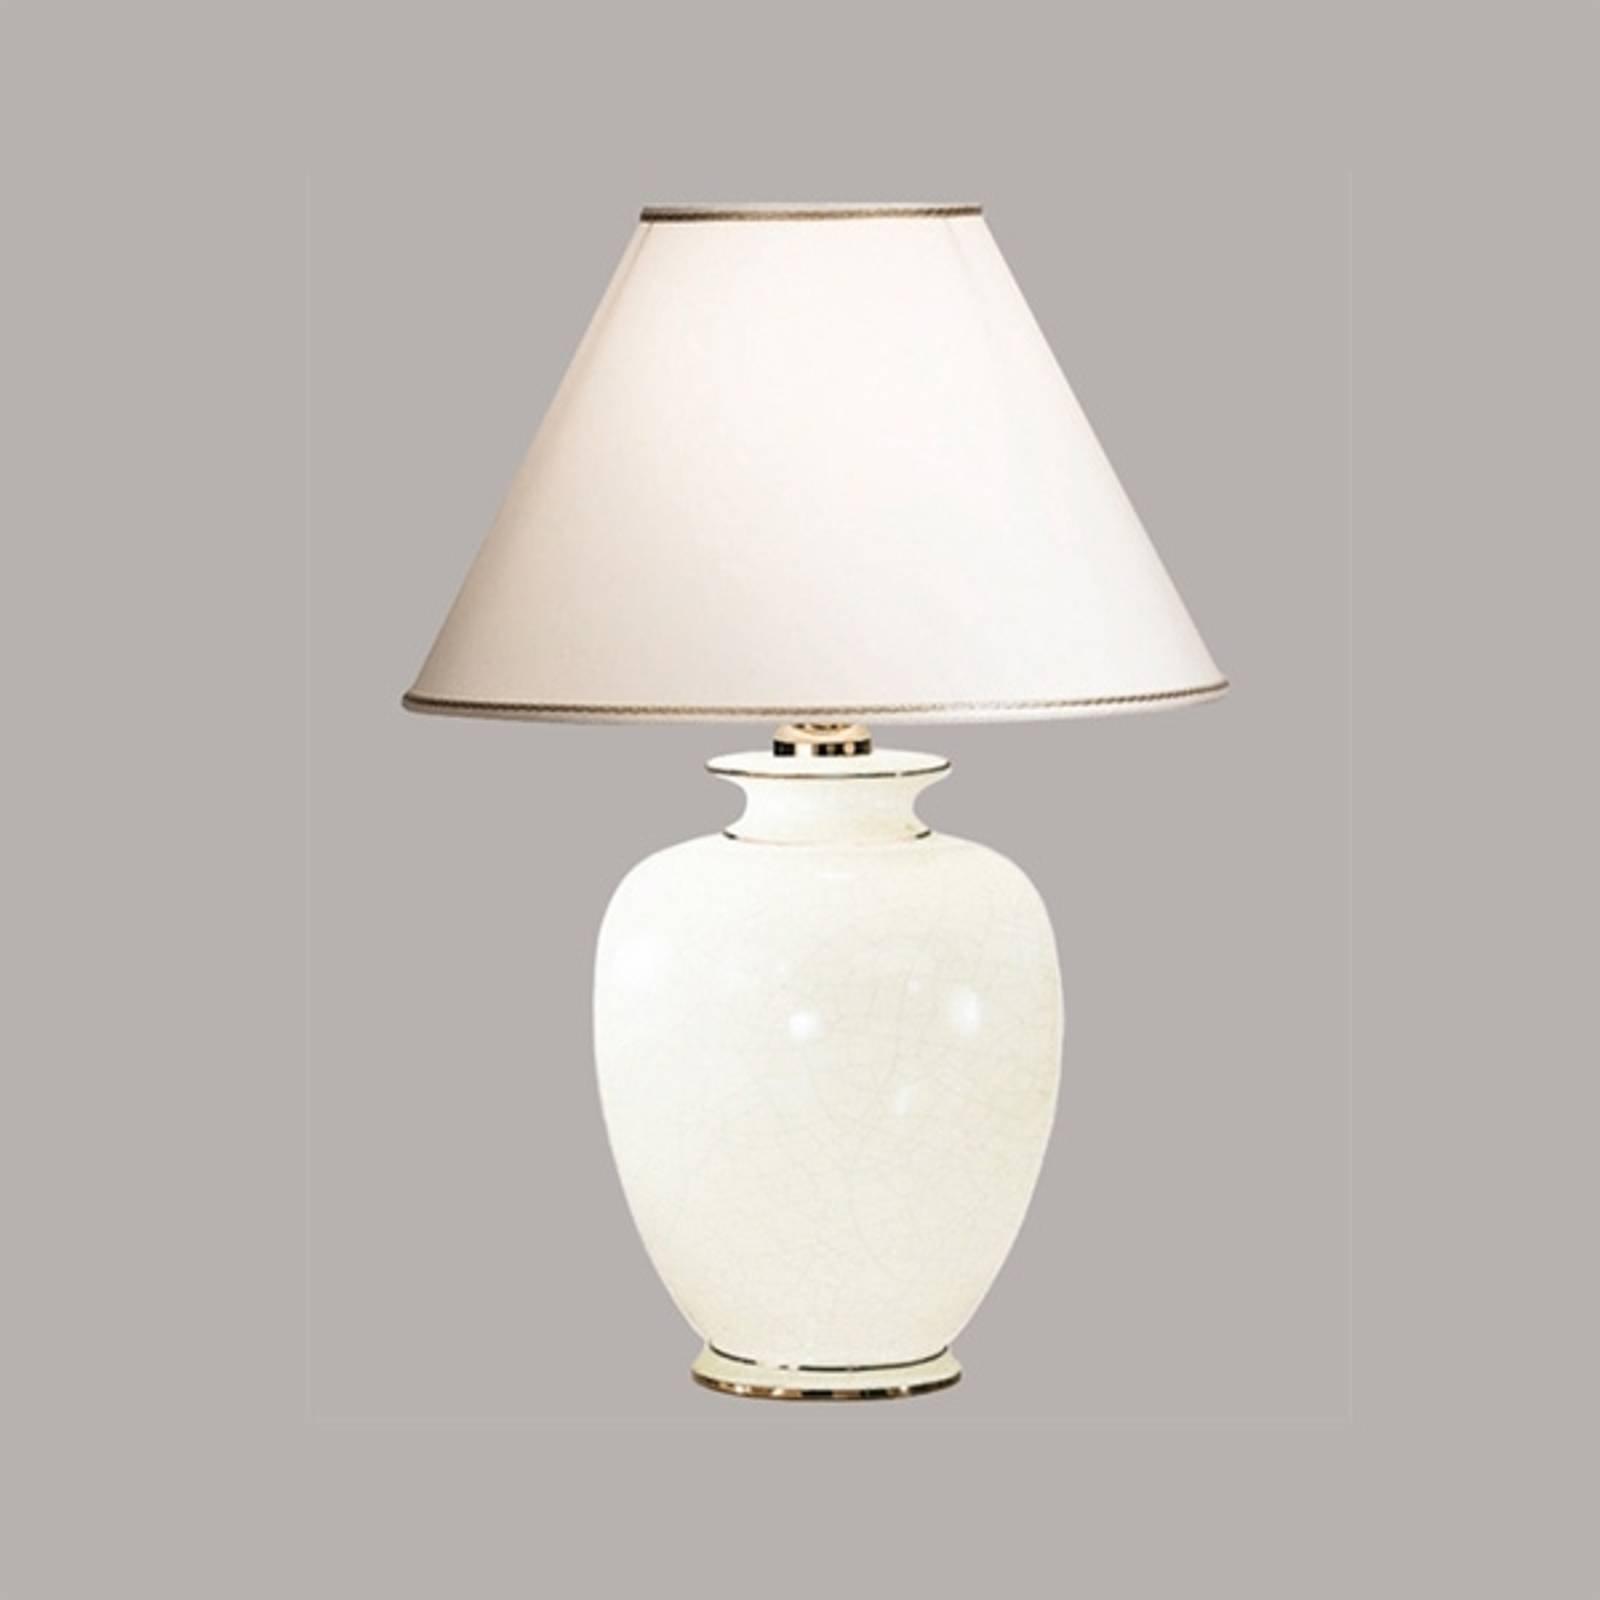 Hvit GIARDINO CRACLEE bordlampe på 40 cm